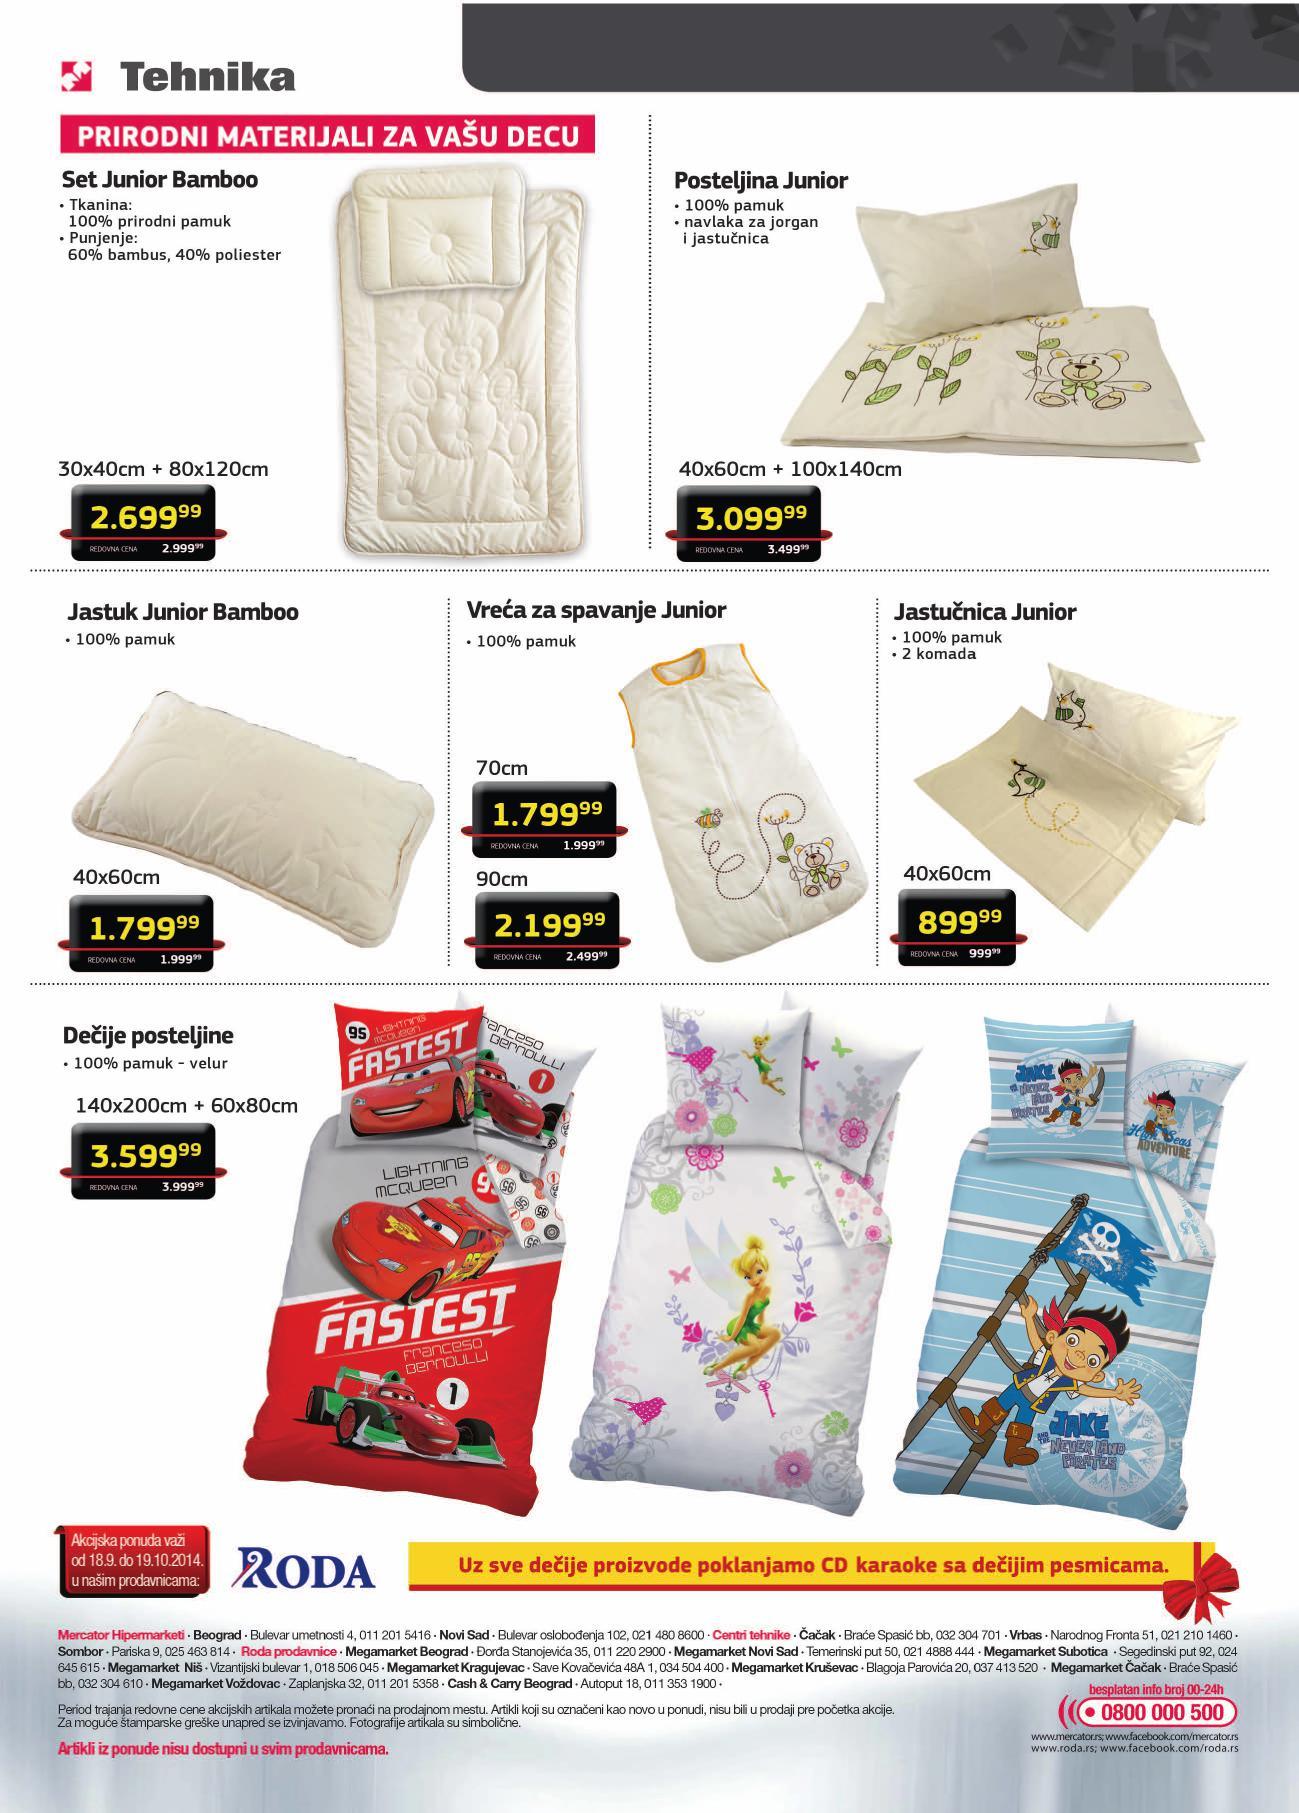 Roda akcija odlična ponuda kućnog tekstila